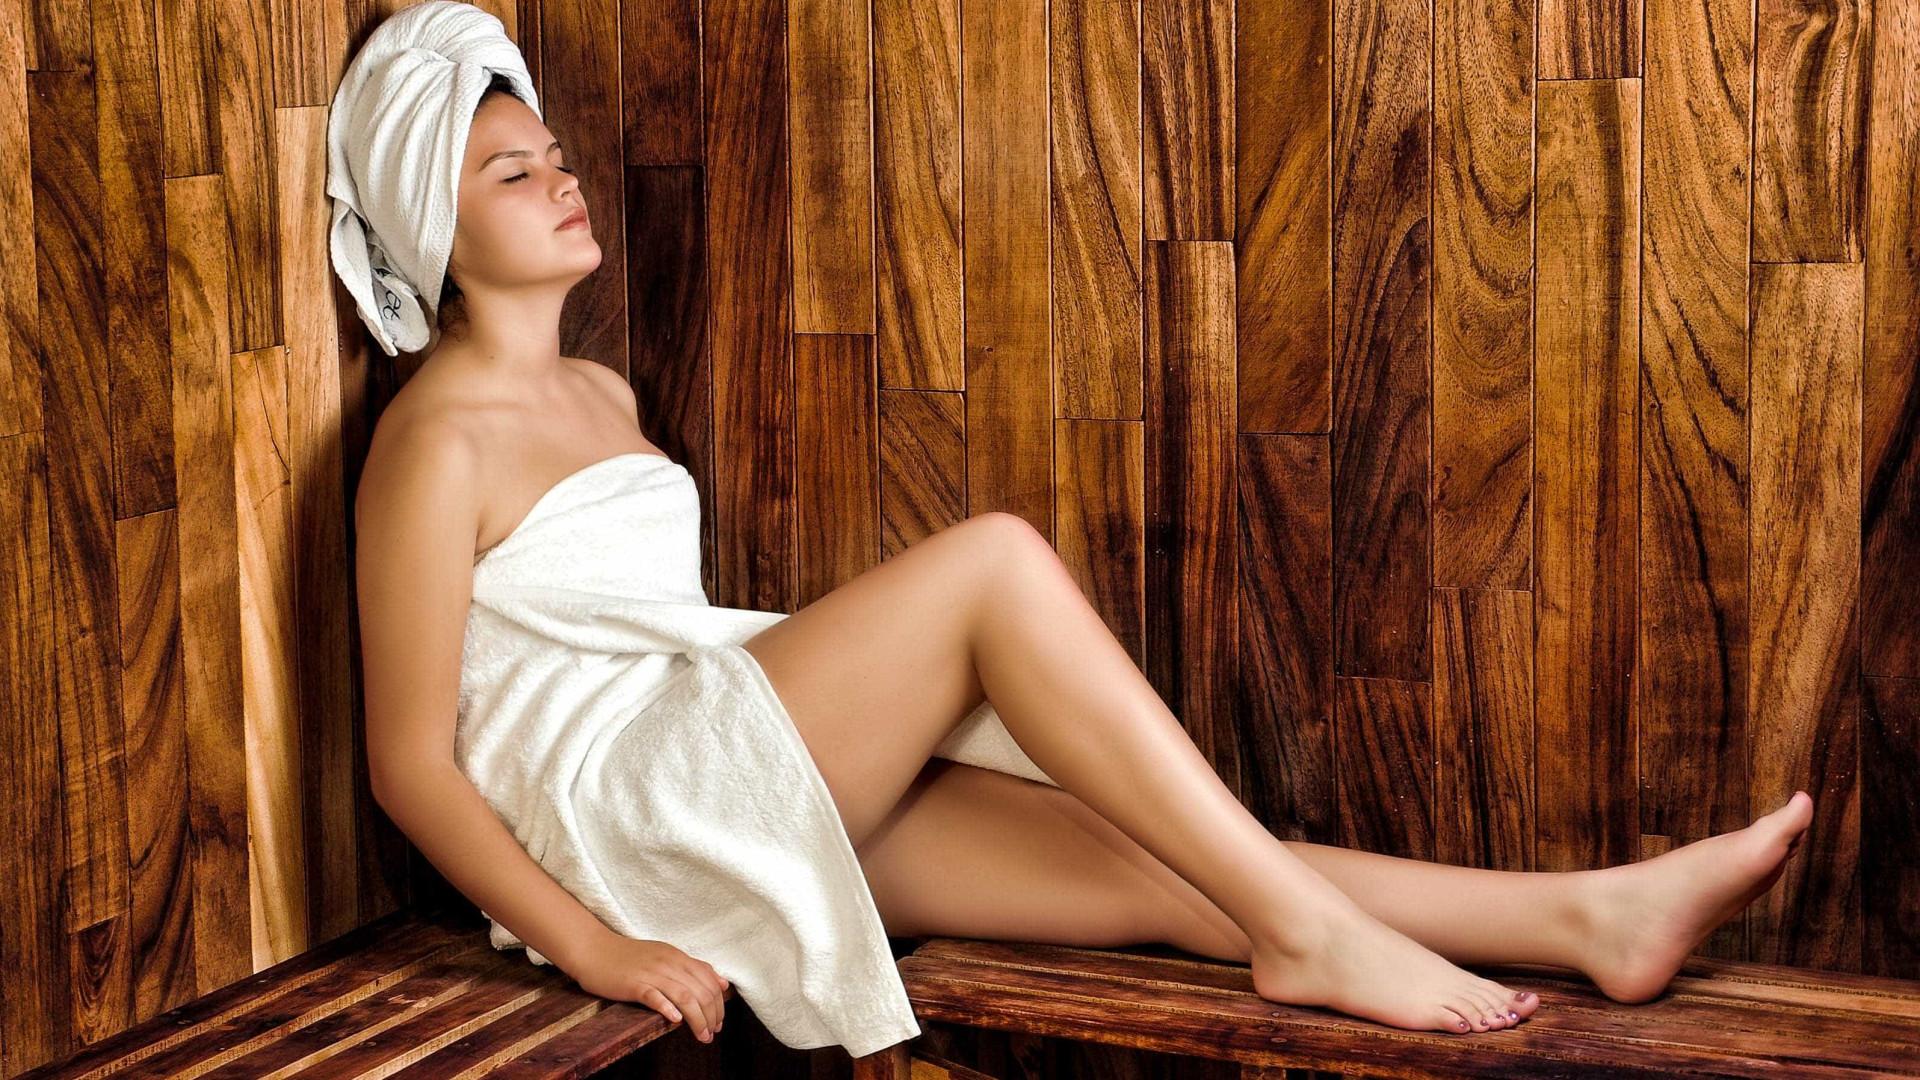 Que tal uma ida à sauna? Descubra cinco benefícios para a sua saúde